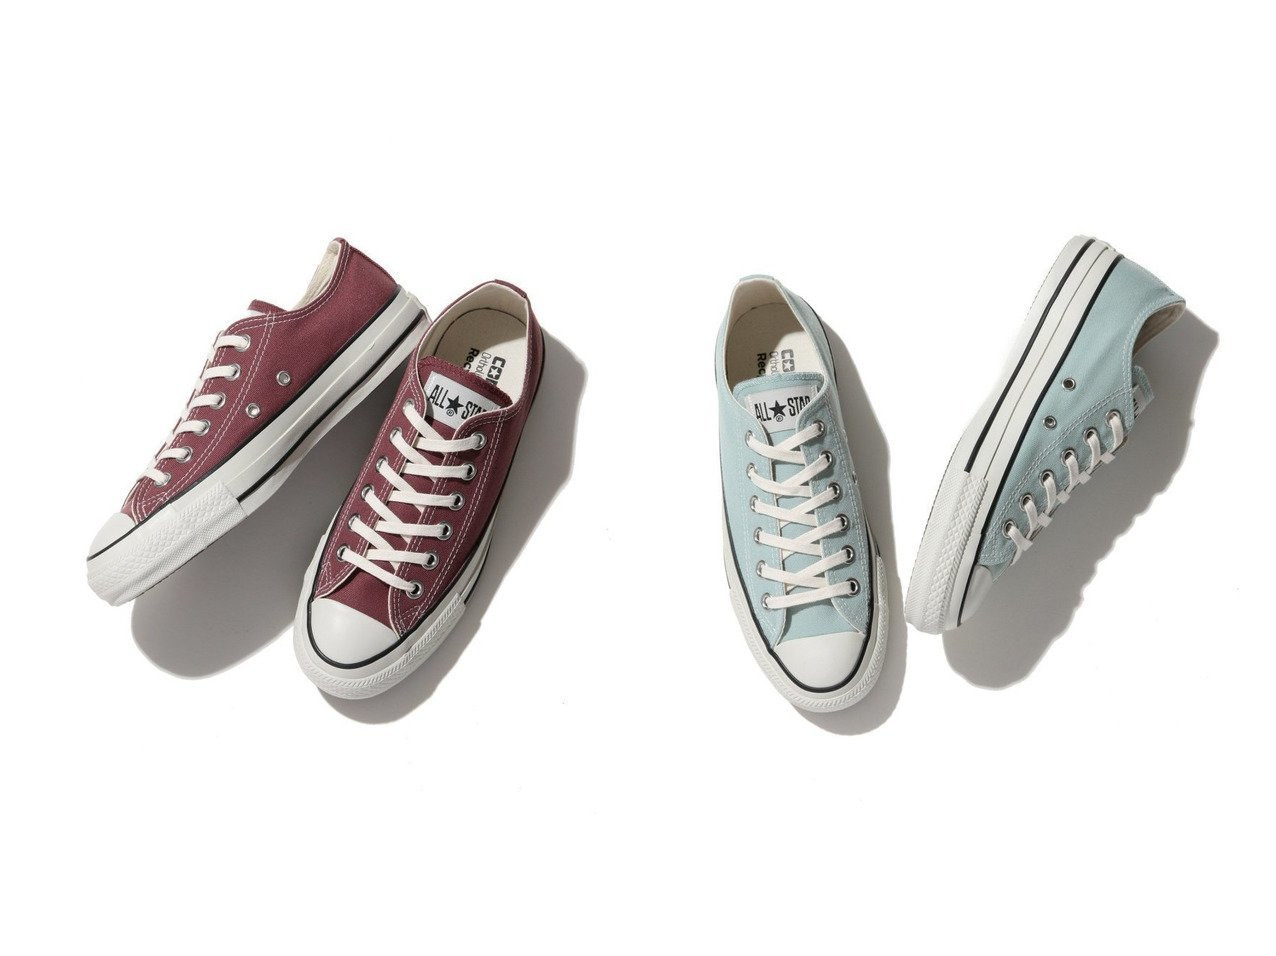 【ROPE'PICNIC PASSAGE/ロペピクニック パサージュ】の【CONVERSE】コンバース CANVAS ALL STAR PET CANVAS OX 【シューズ・靴】おすすめ!人気、トレンド・レディースファッションの通販 おすすめで人気の流行・トレンド、ファッションの通販商品 インテリア・家具・メンズファッション・キッズファッション・レディースファッション・服の通販 founy(ファニー) https://founy.com/ ファッション Fashion レディースファッション WOMEN シューズ スニーカー スリッポン ローズ 人気 夏 Summer |ID:crp329100000063754